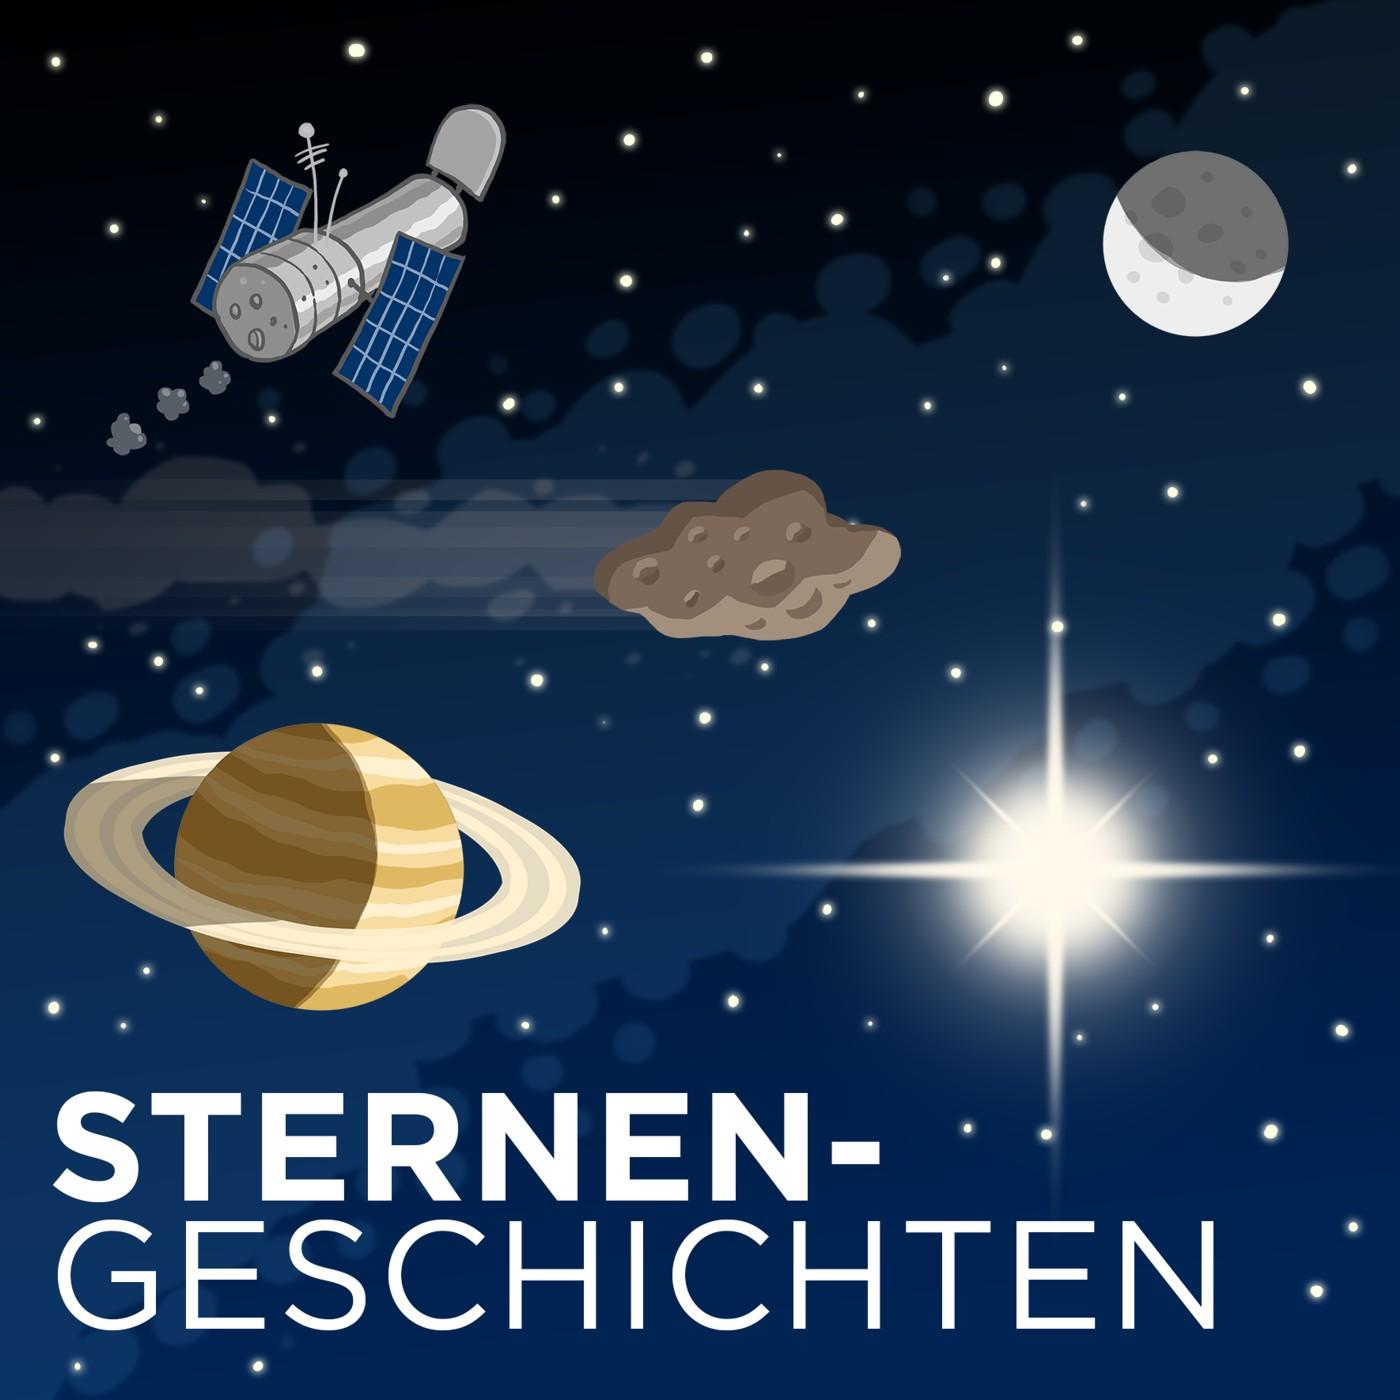 Sternengeschichten Folge 442: Numerische Astronomie